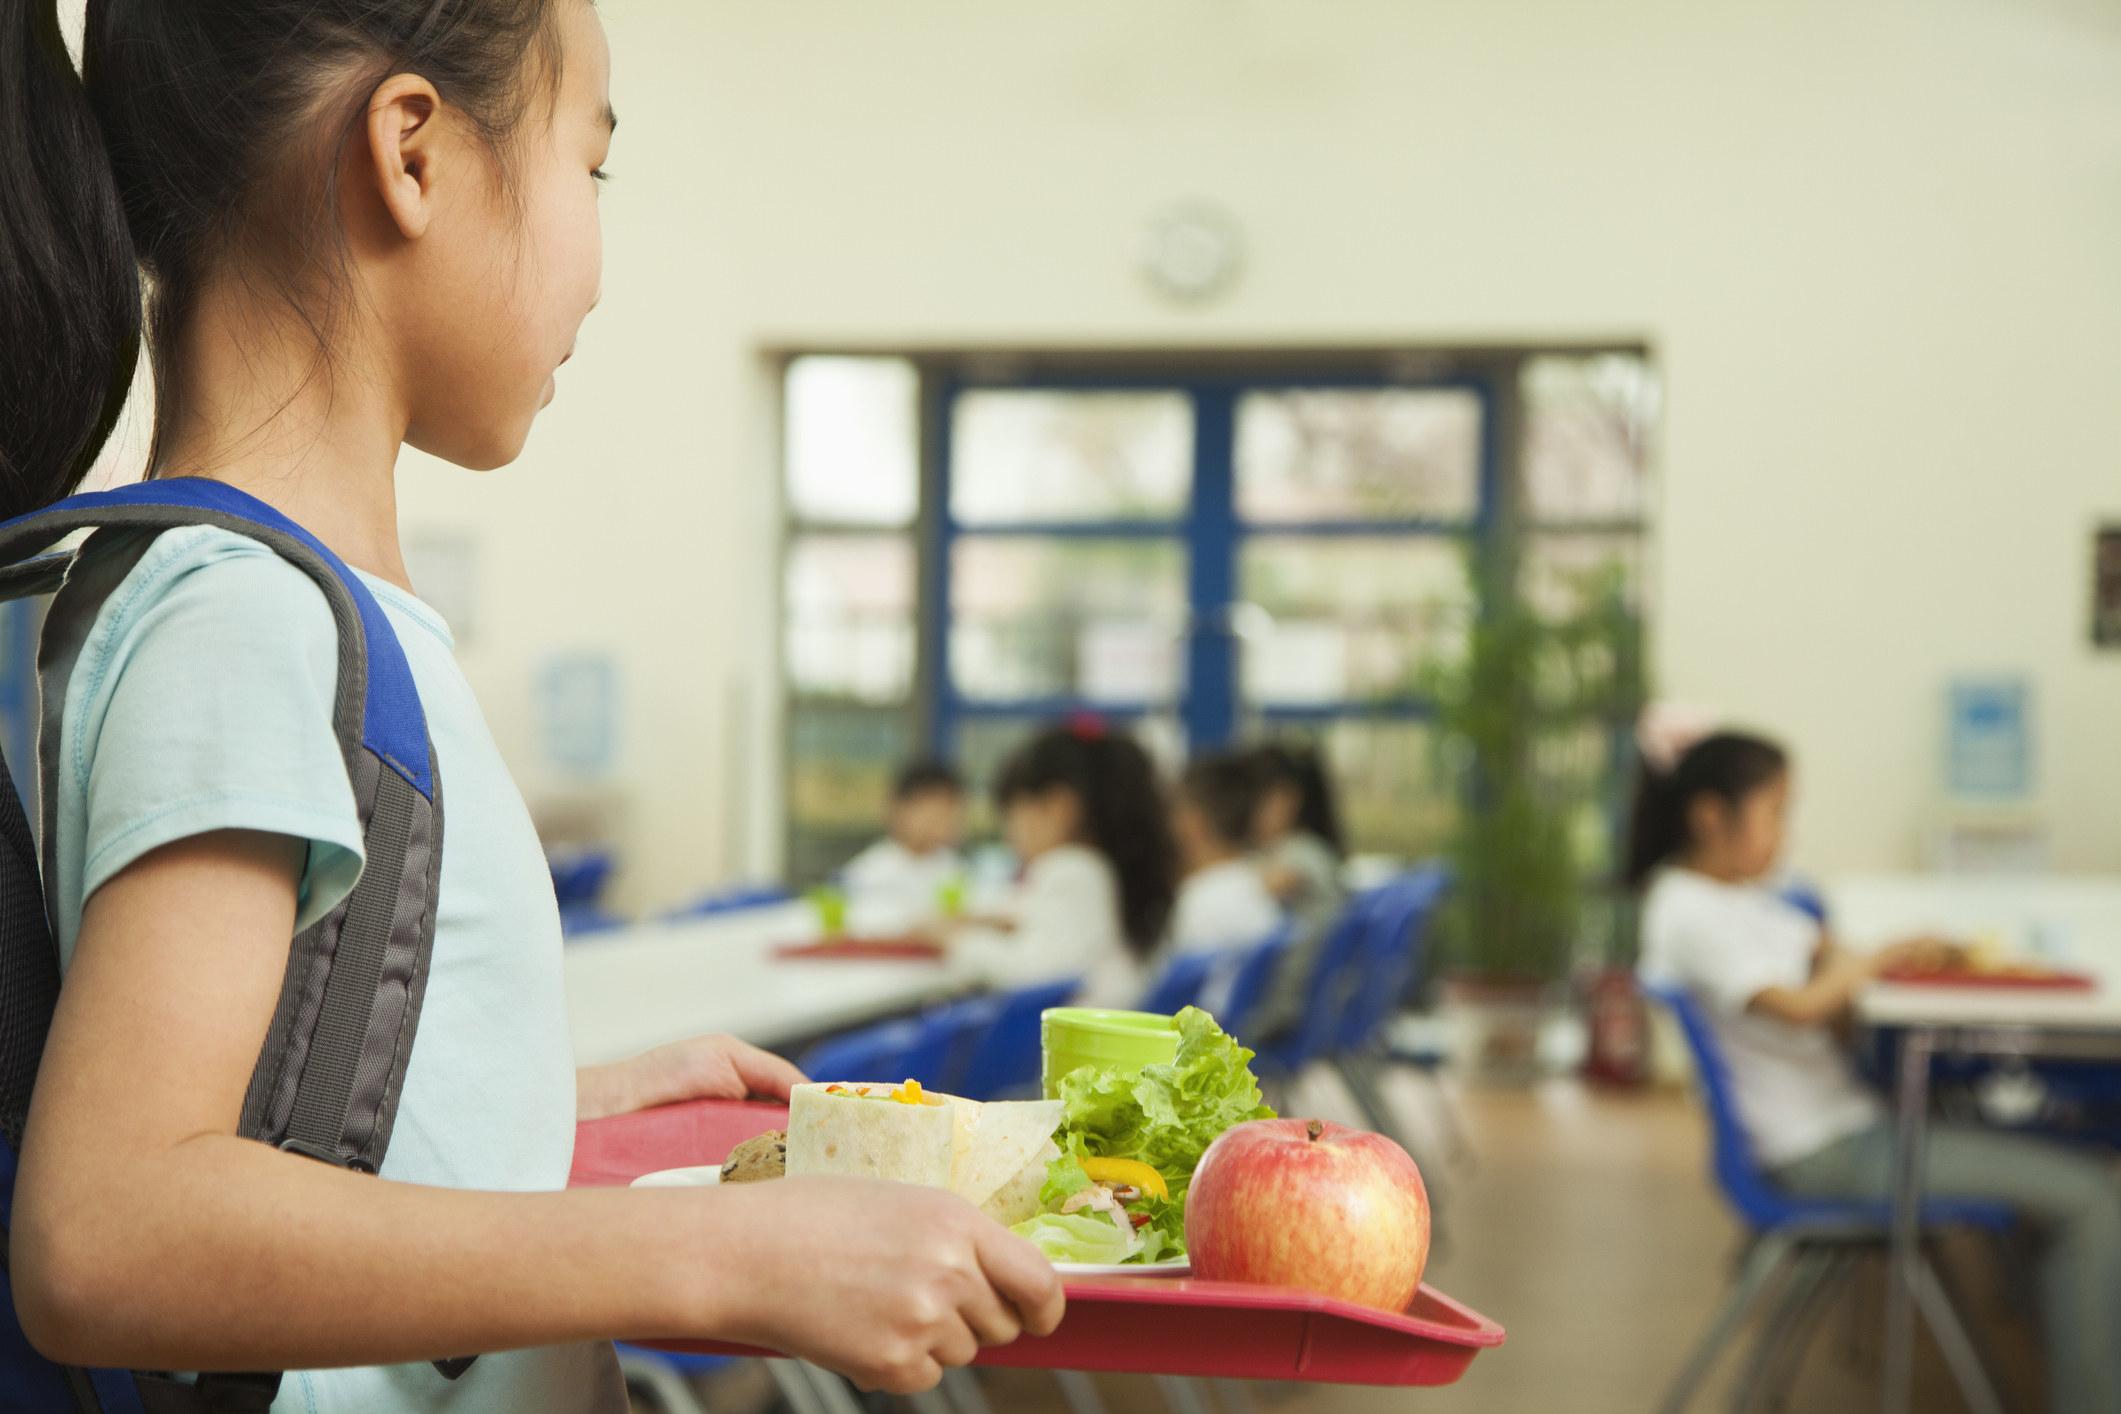 a girl walking a tray through a cafeteria